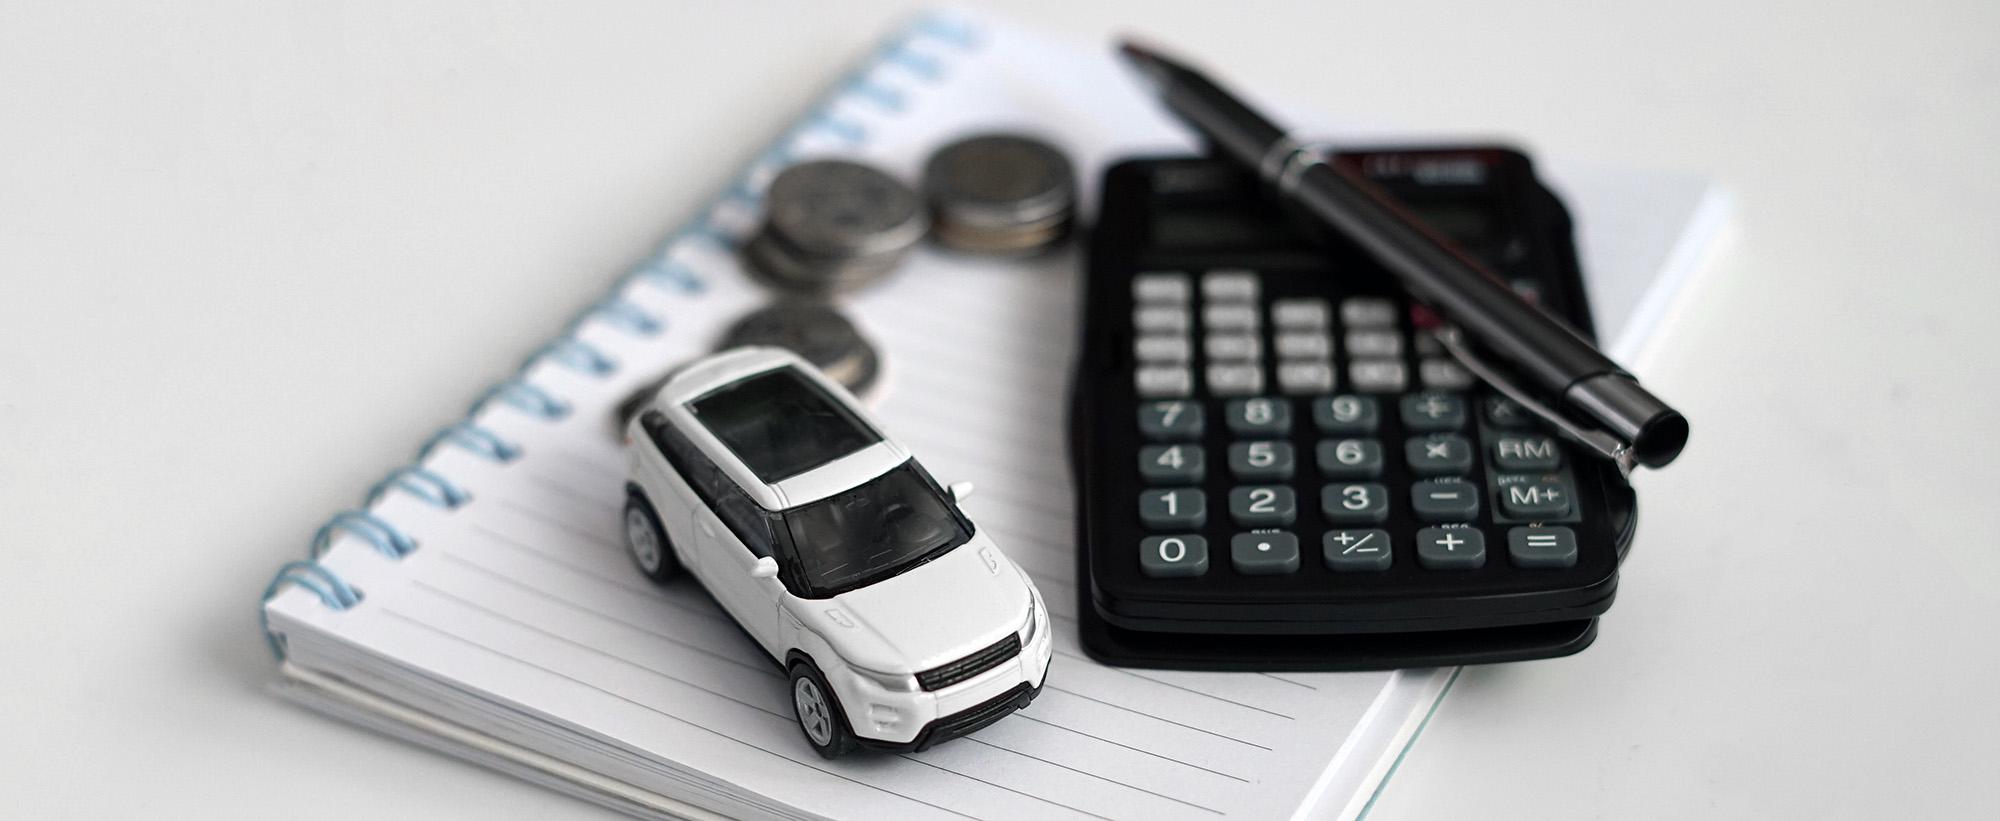 Av oss får du en korrekt värdering när du ska sälja bil i Göteborg.